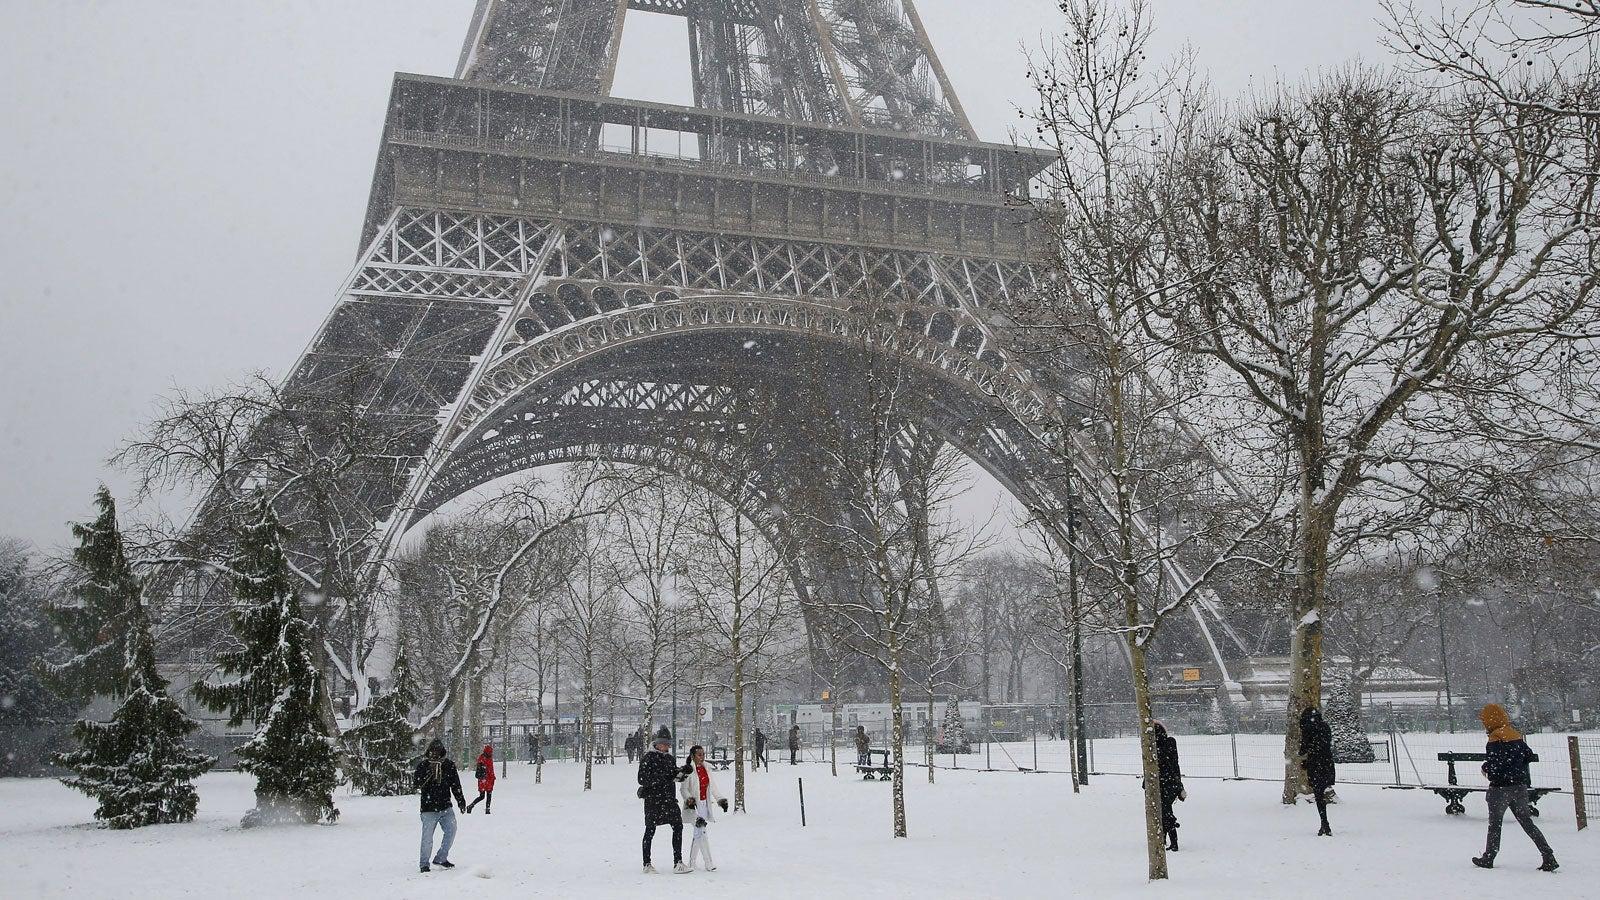 wetter in paris heute